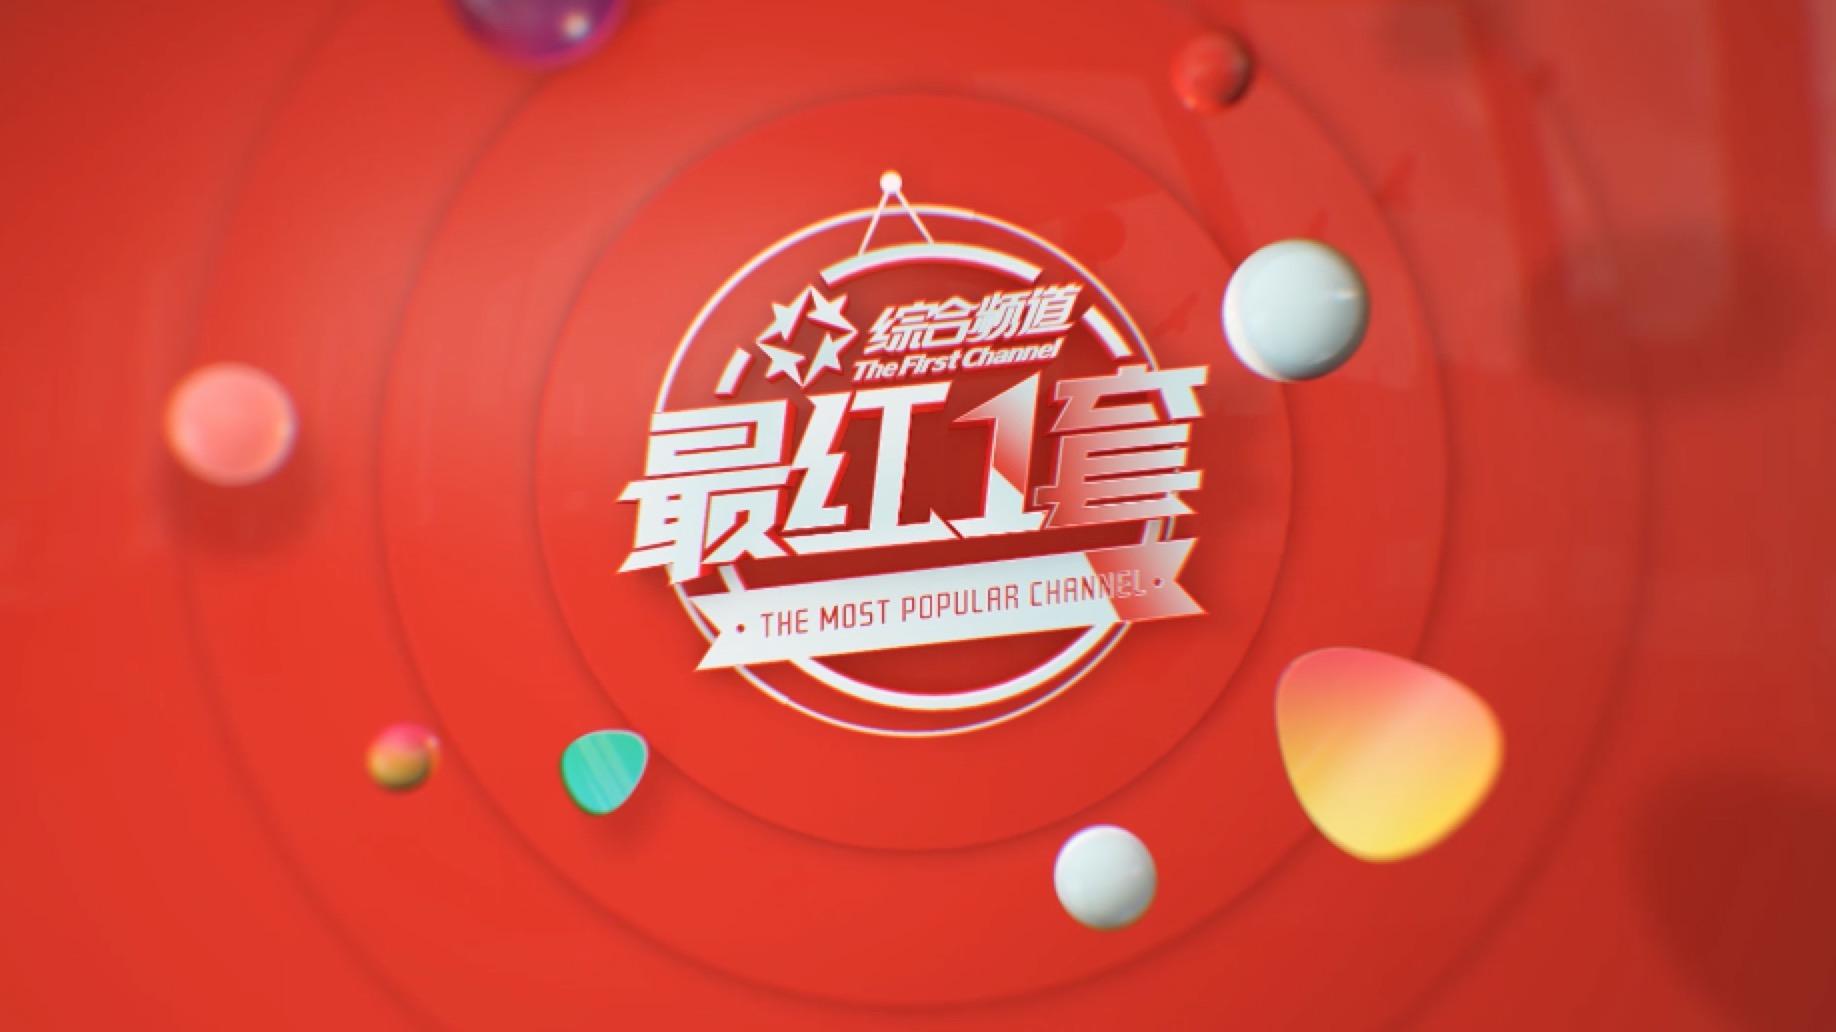 2018年海南综合频道形象改版包装演示